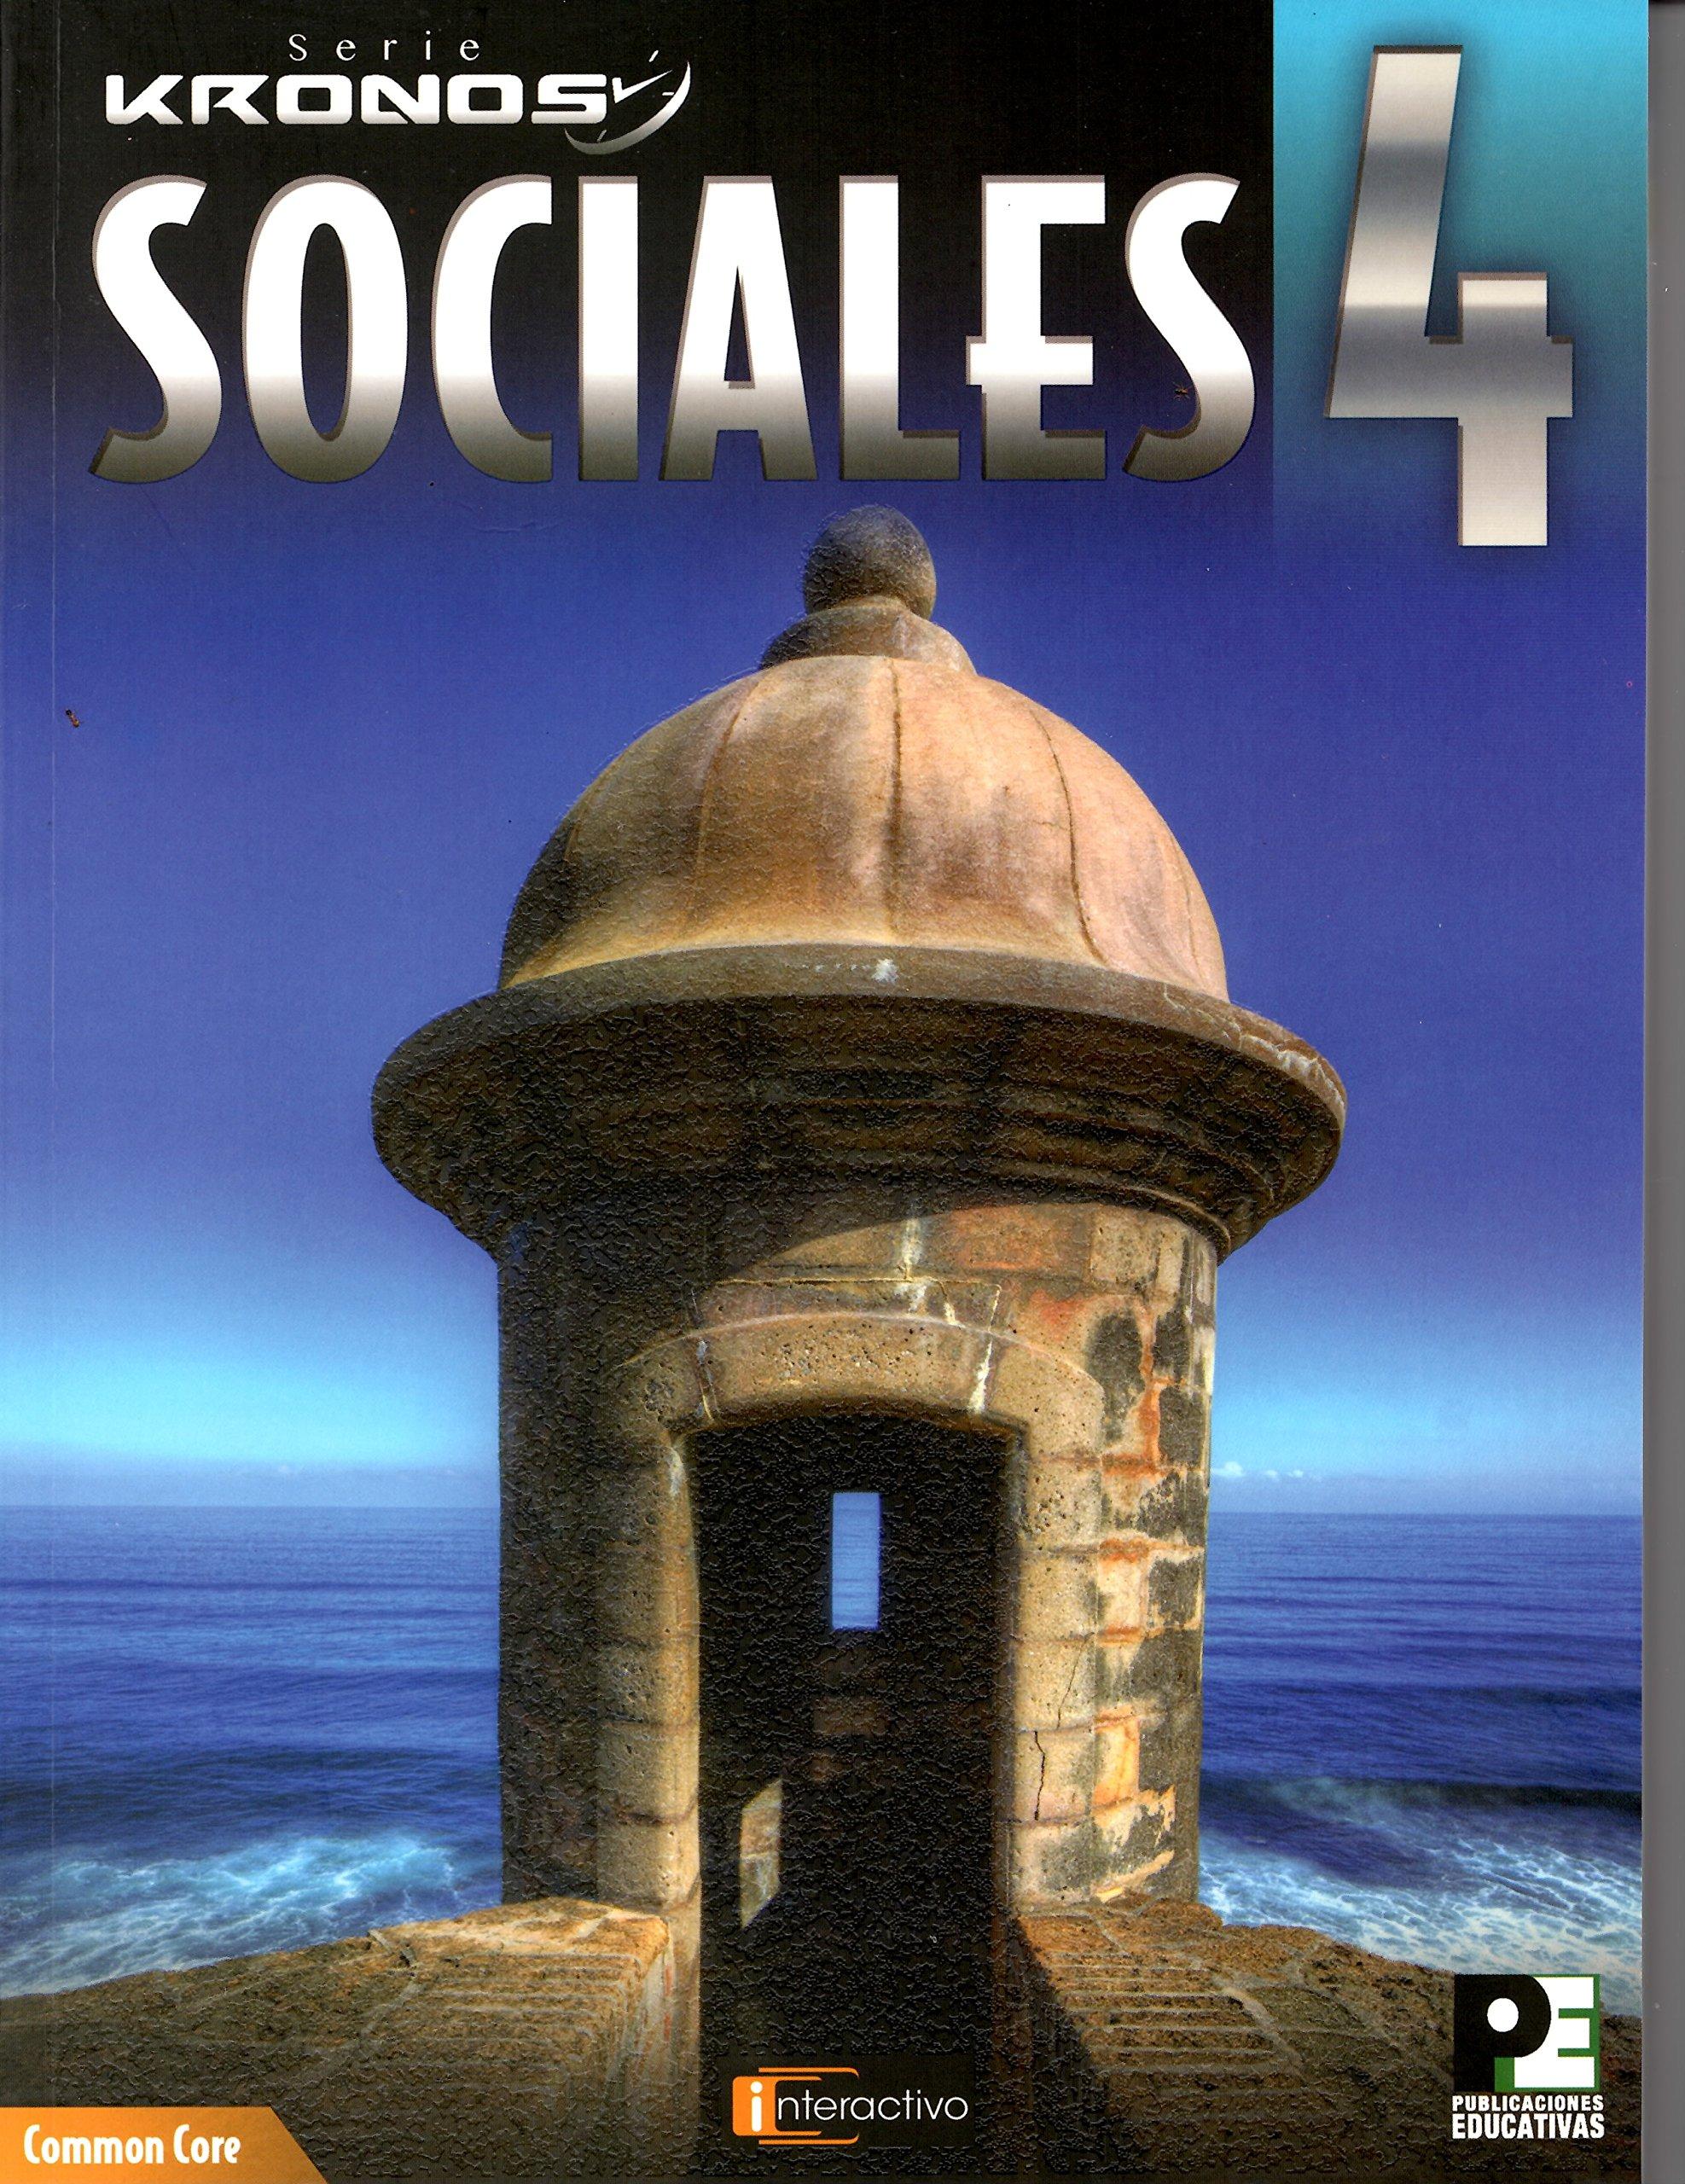 Sociales 4 (serie Kronos): Dr Gerardo Alberto Hernandez Aponte, Carlos  Valentino Romero Caceres: 9781879812291: Amazon: Books